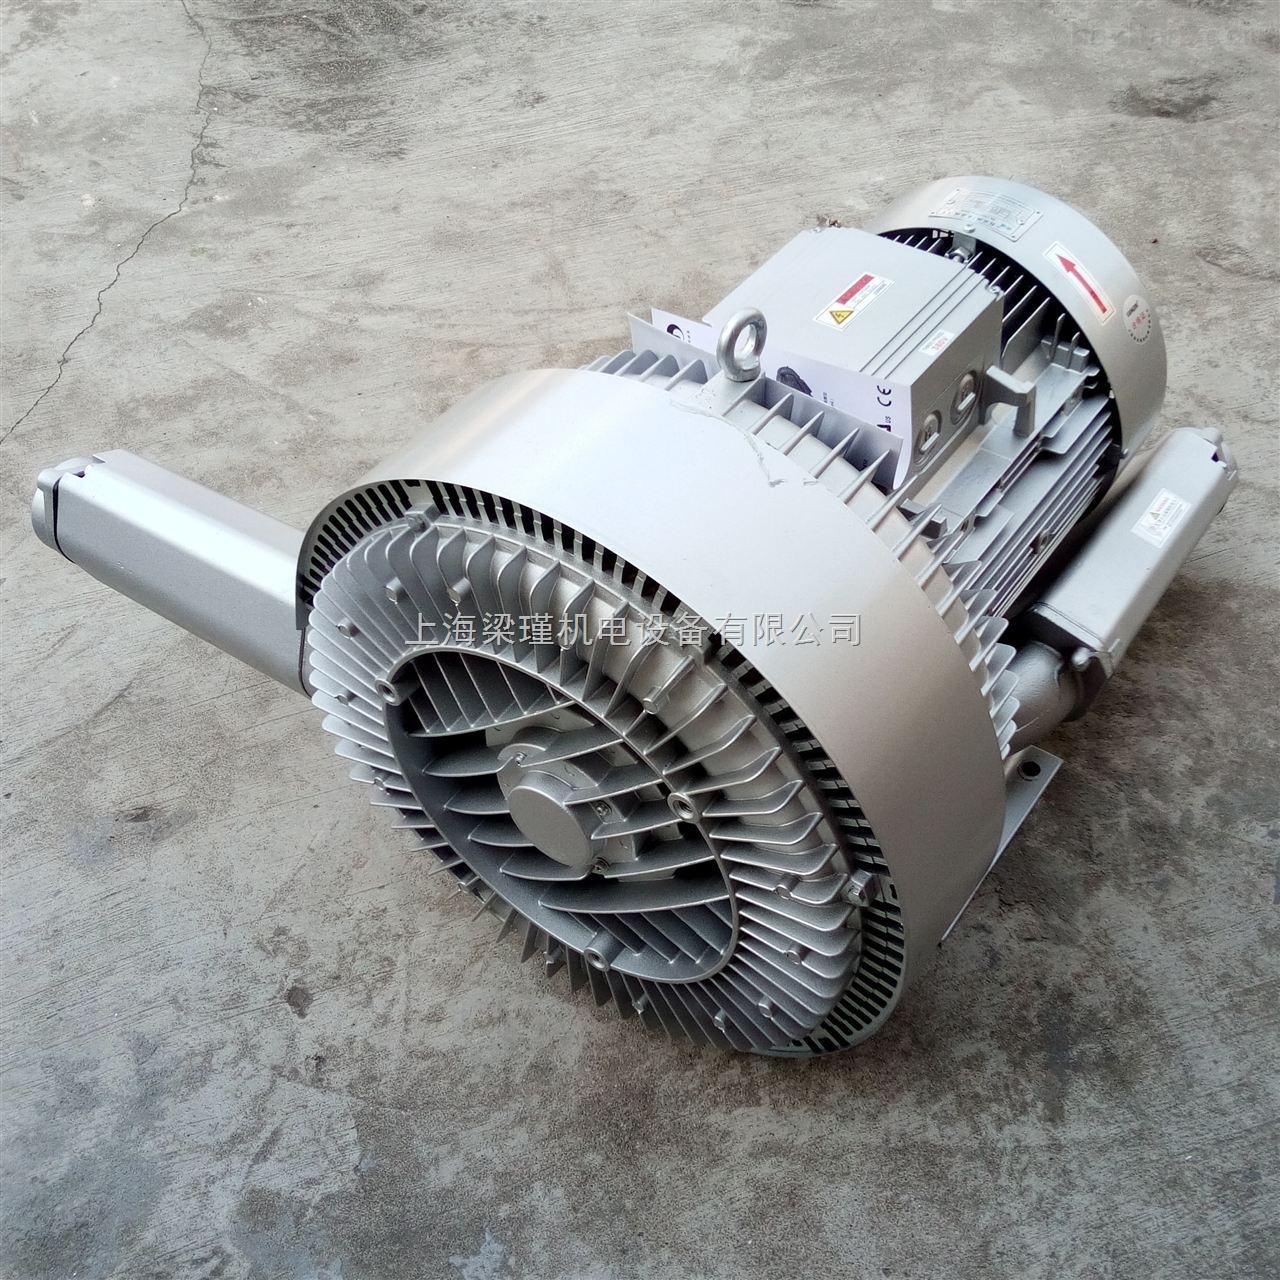 扦样机设备双叶轮高压漩涡鼓风机价格